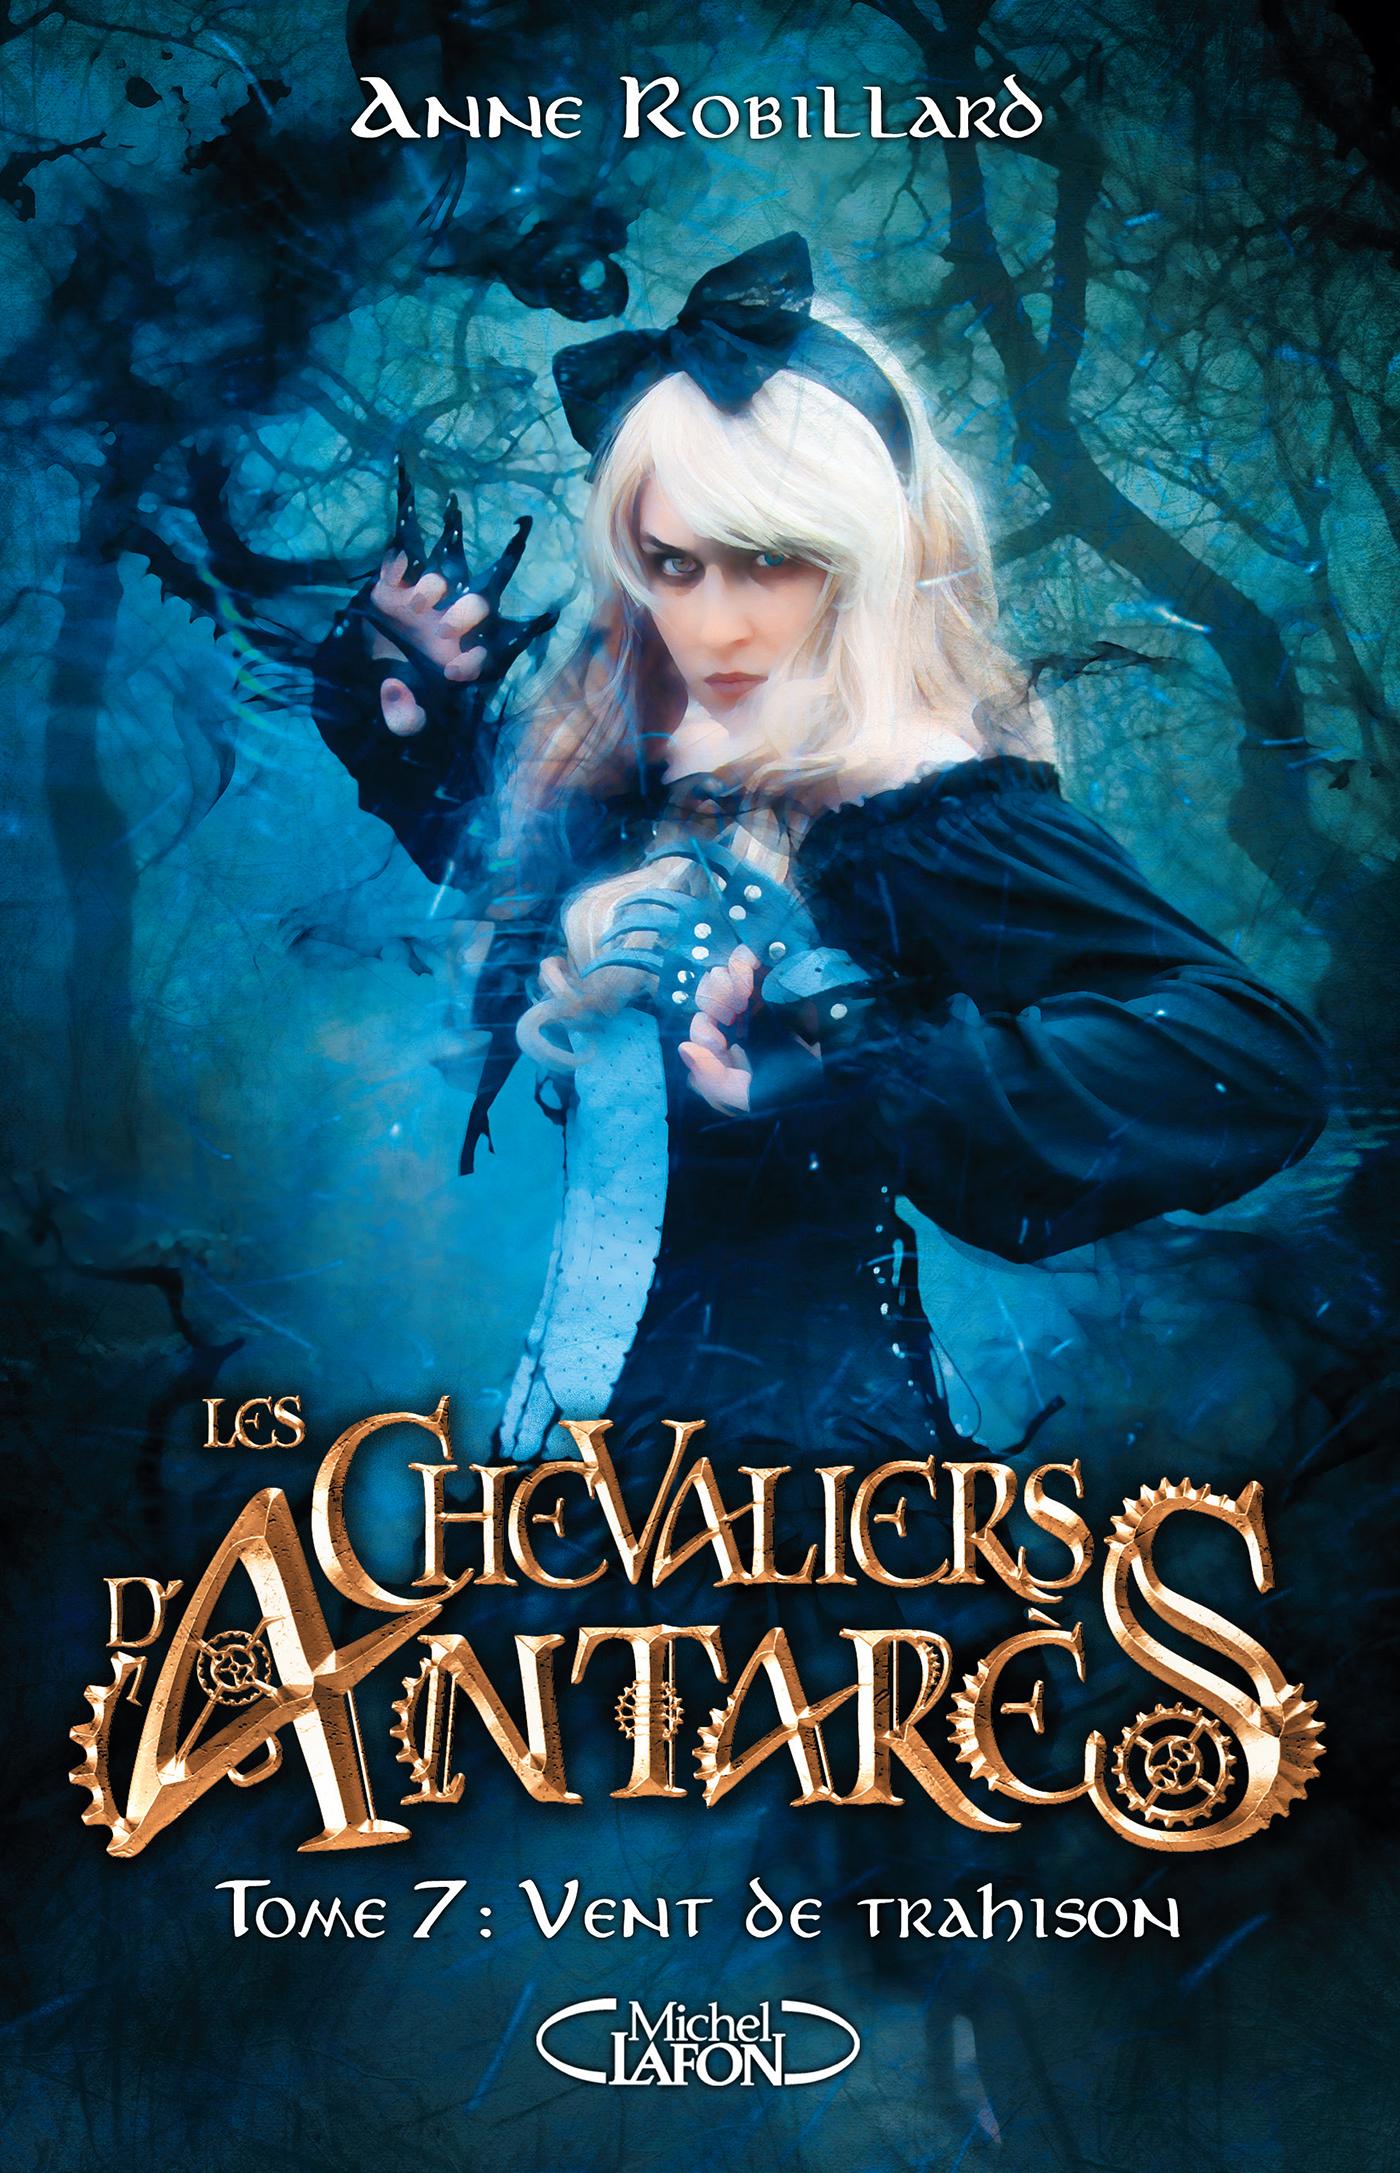 Les Chevaliers d'Antarès – Tome 7